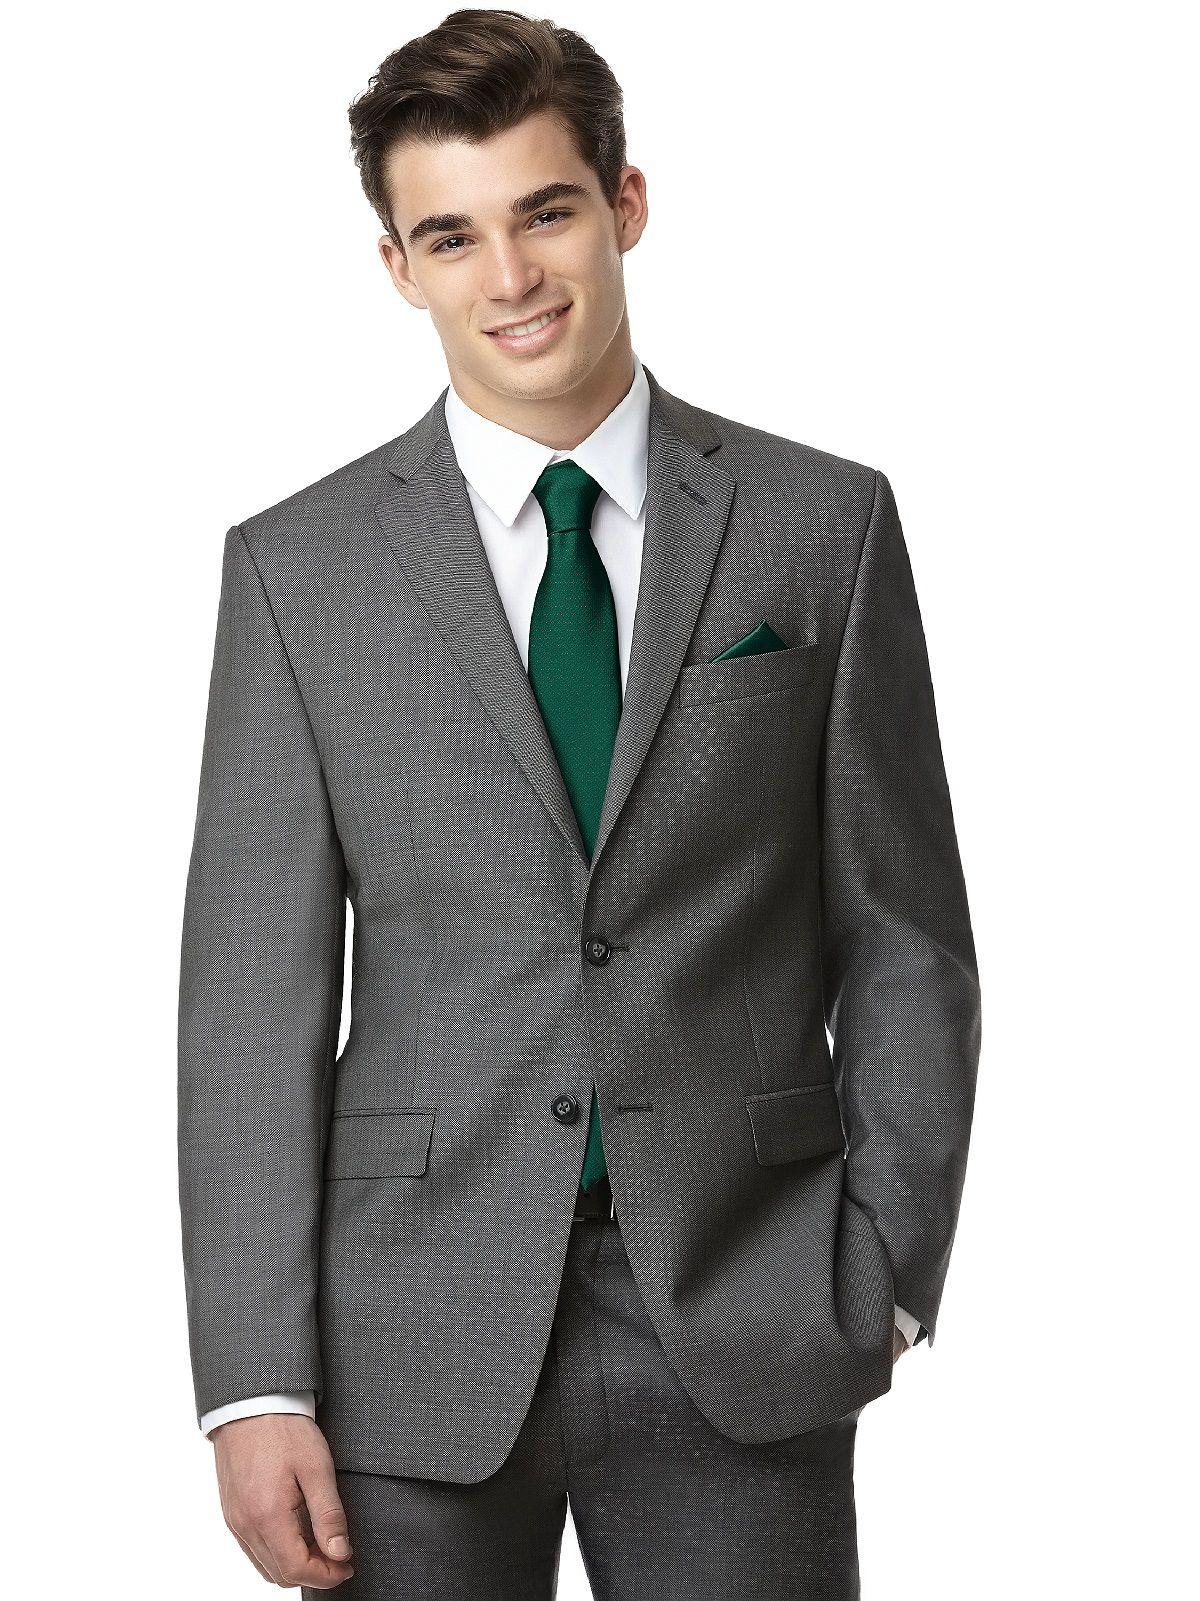 Dessy Yarn Dyed Necktie Groomsmen Accessory in Emerald